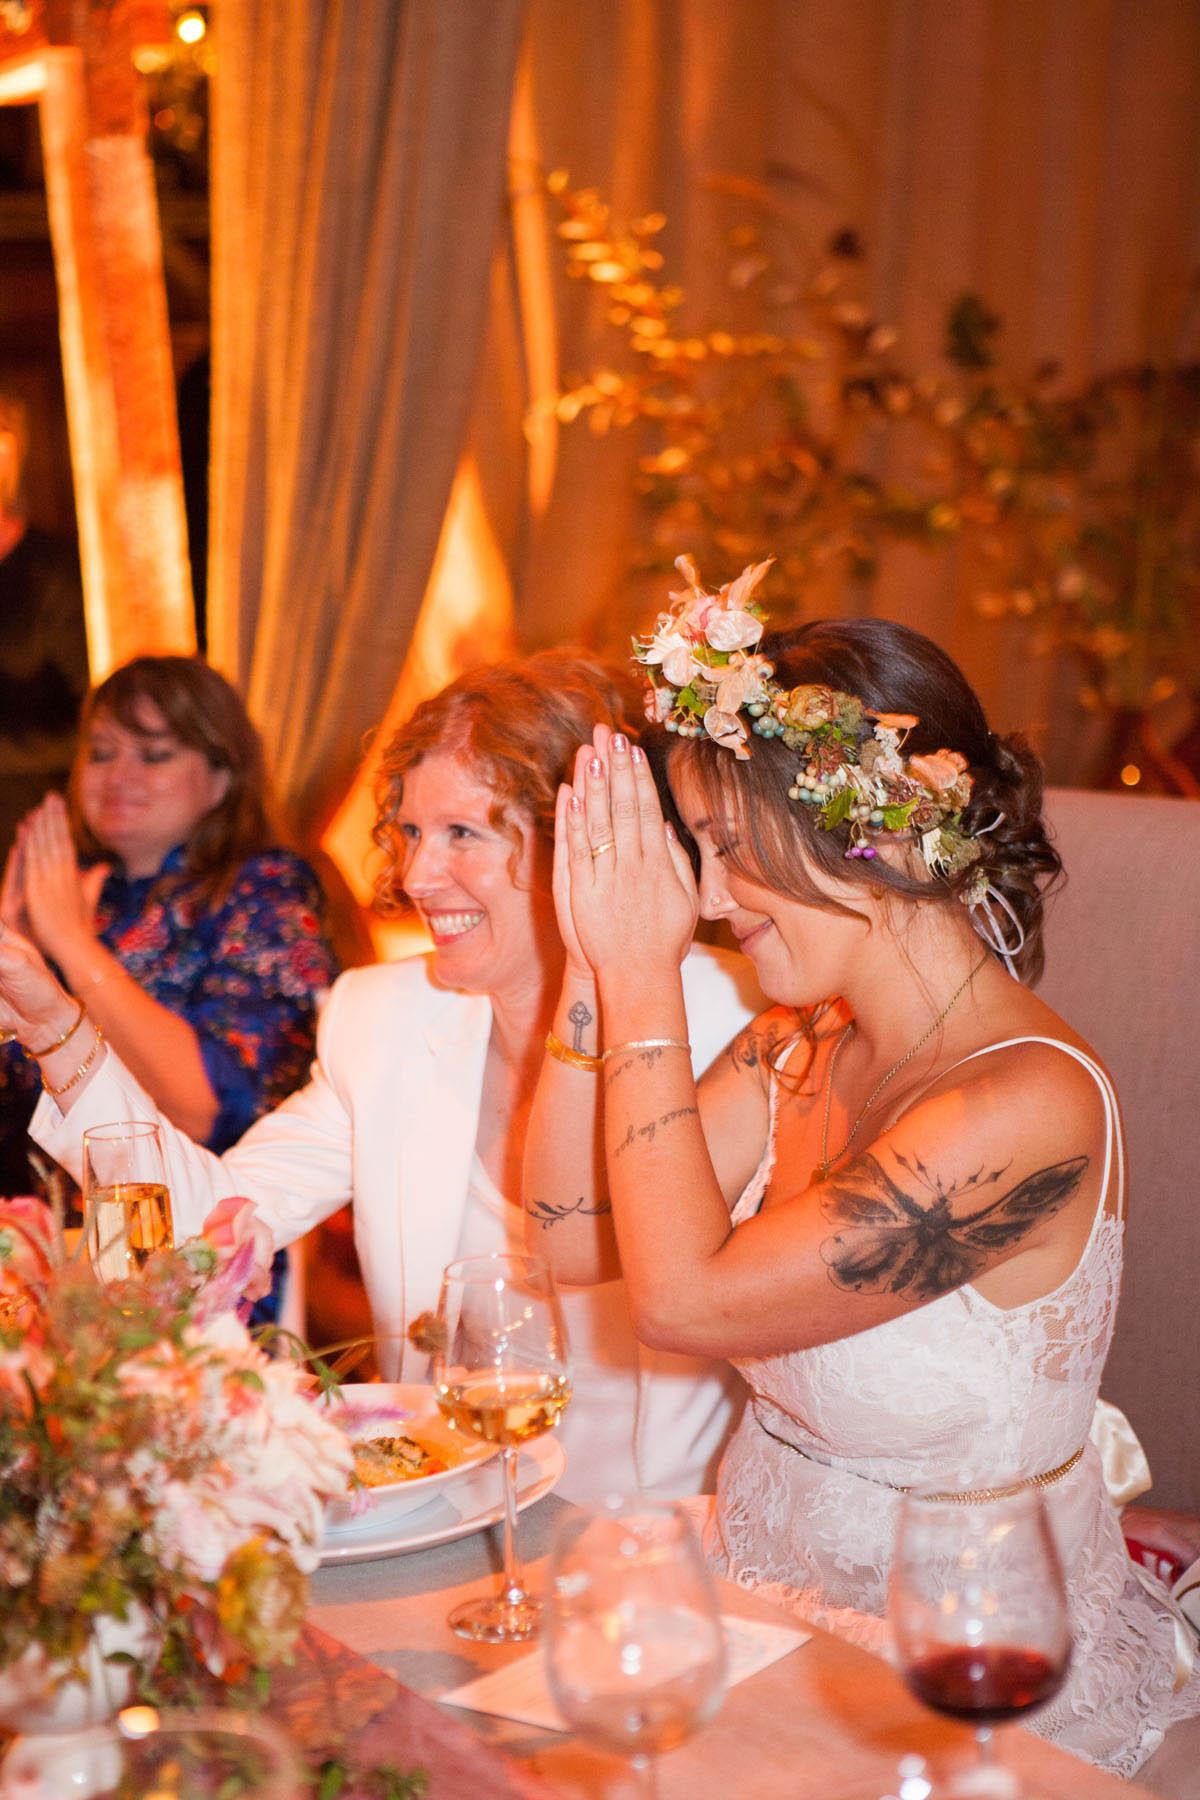 50-grateful-bride-speeches.jpg